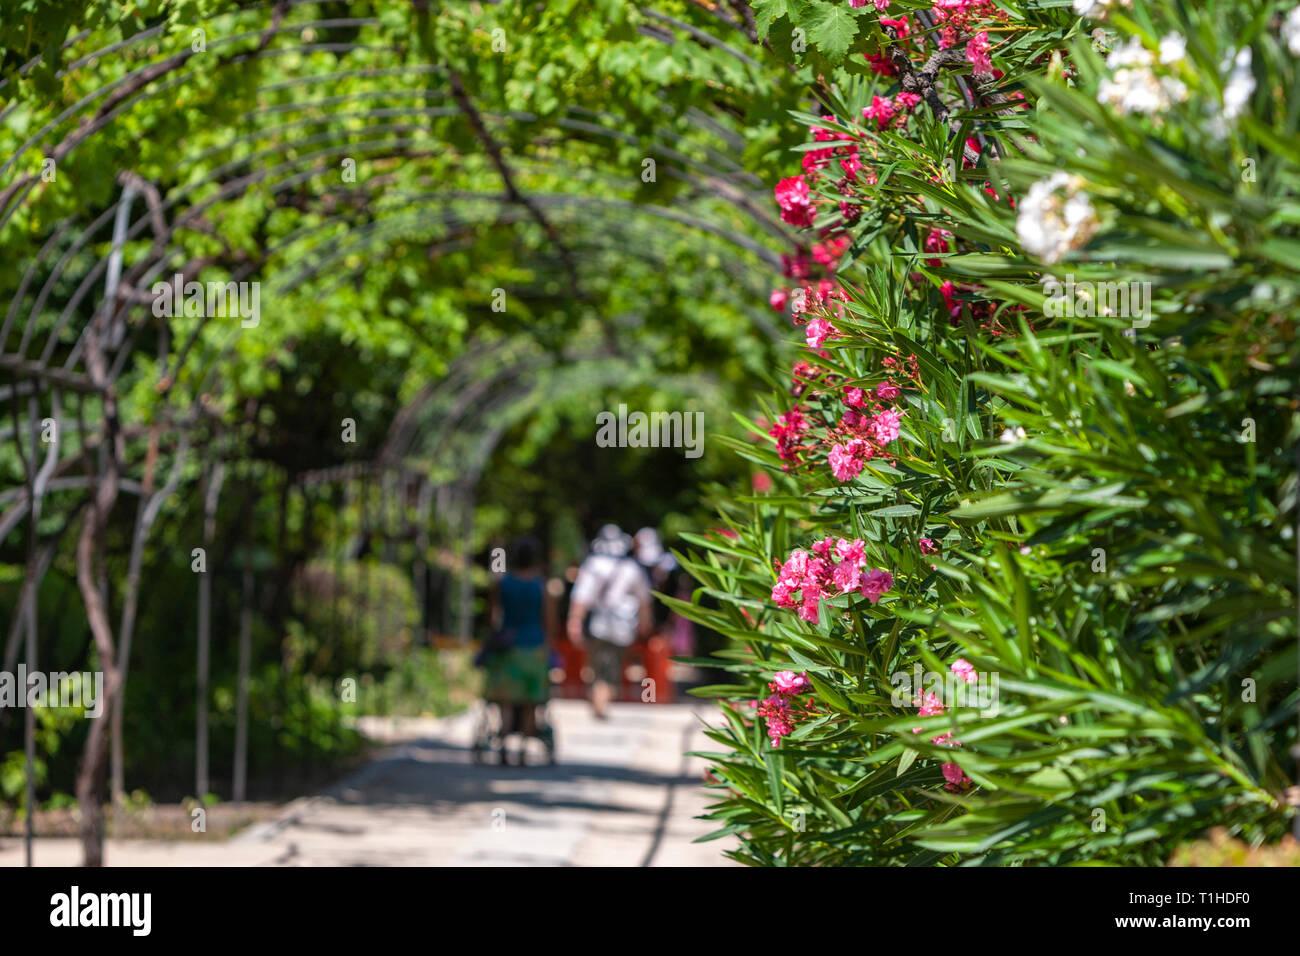 Paseo José Celestino Mutis, Real Jardín Botánico, el Real Jardín ...